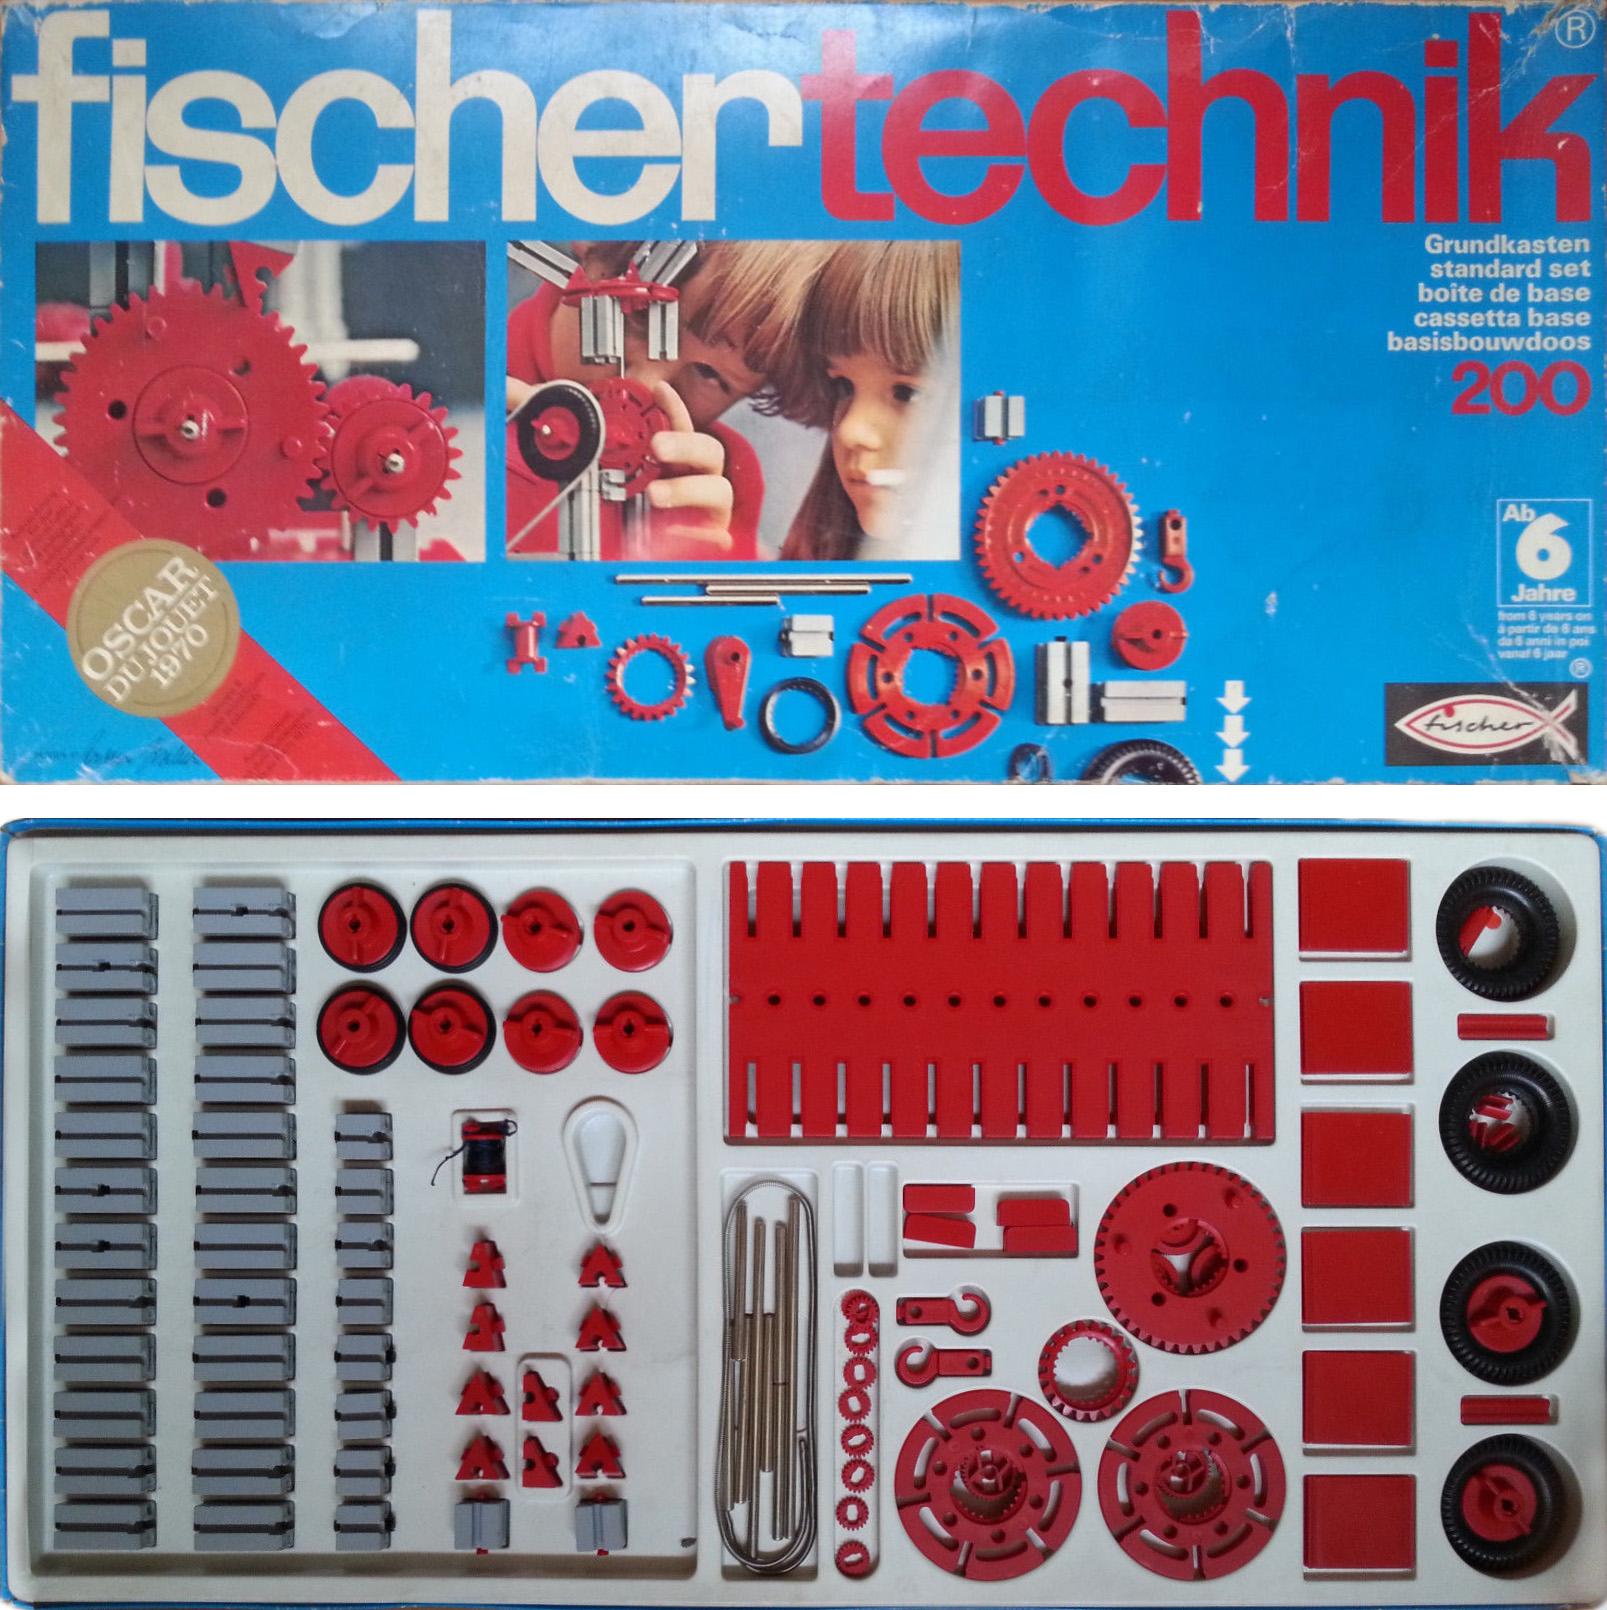 История инженерных конструкторов fischertechnik - 4